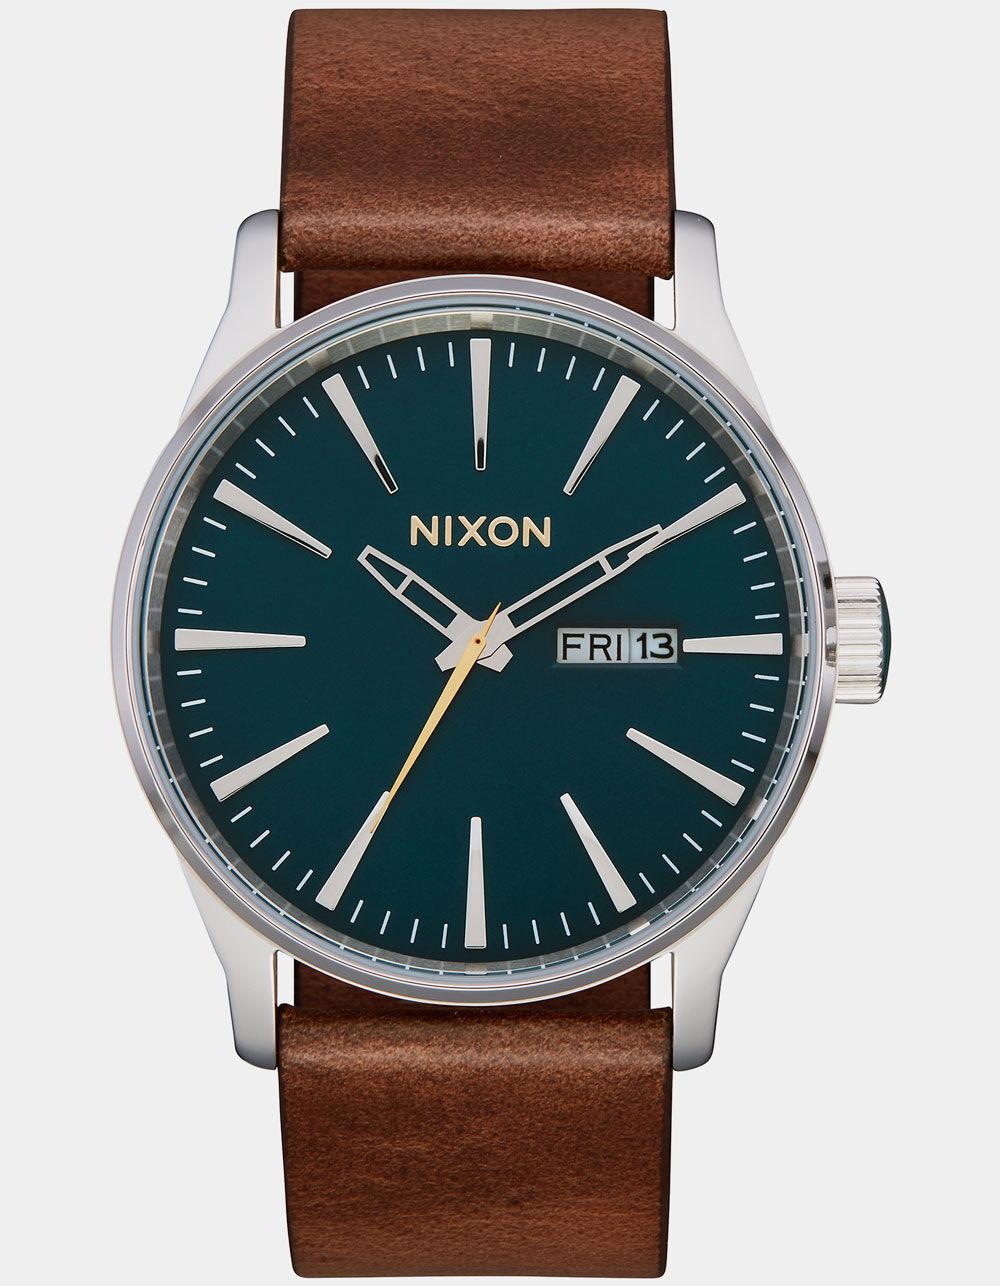 NIXON Sentry Leather Dark Green & Dark Brown Watch